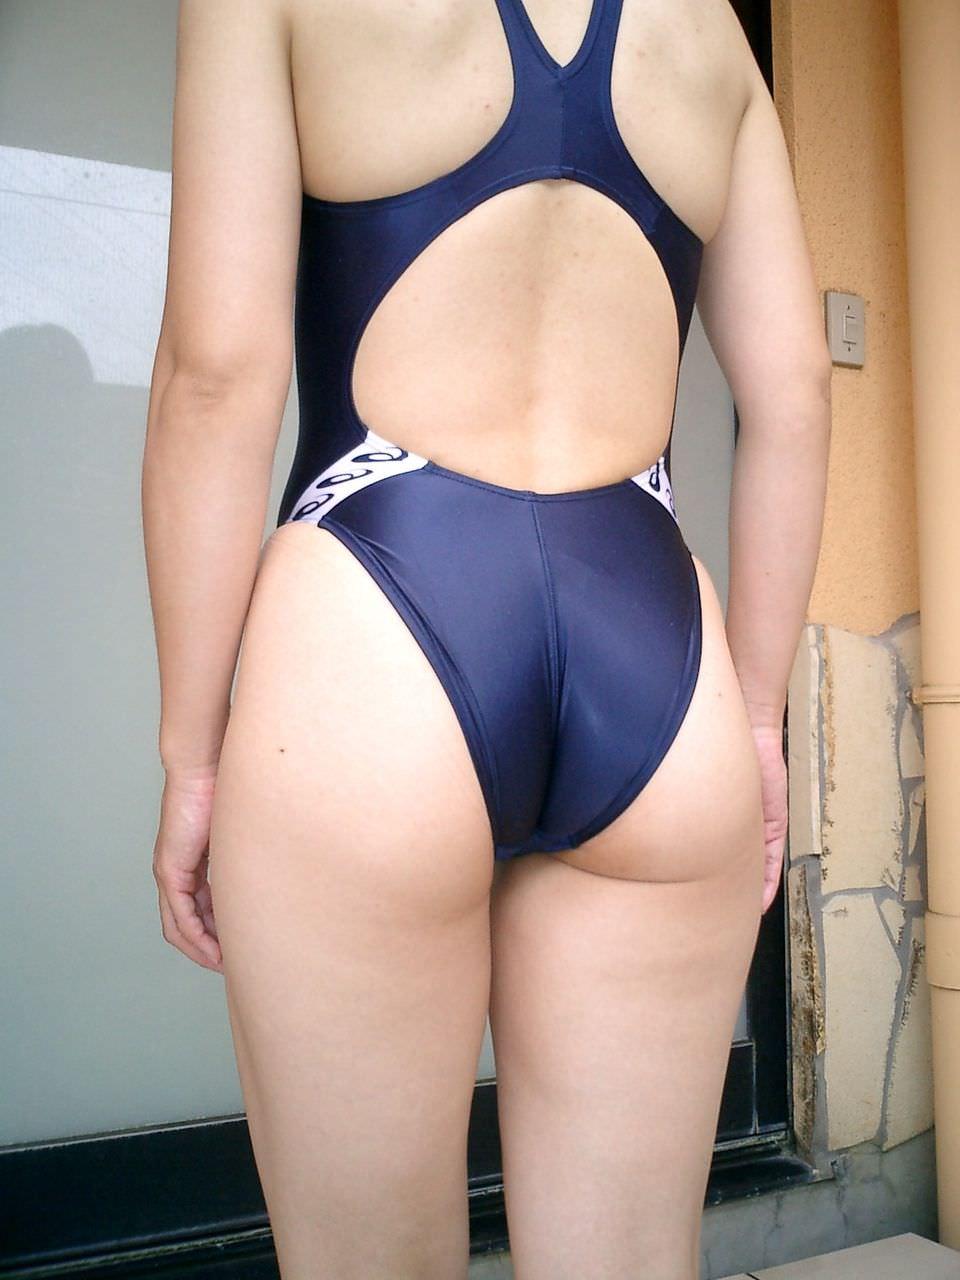 競泳水着のお尻 24